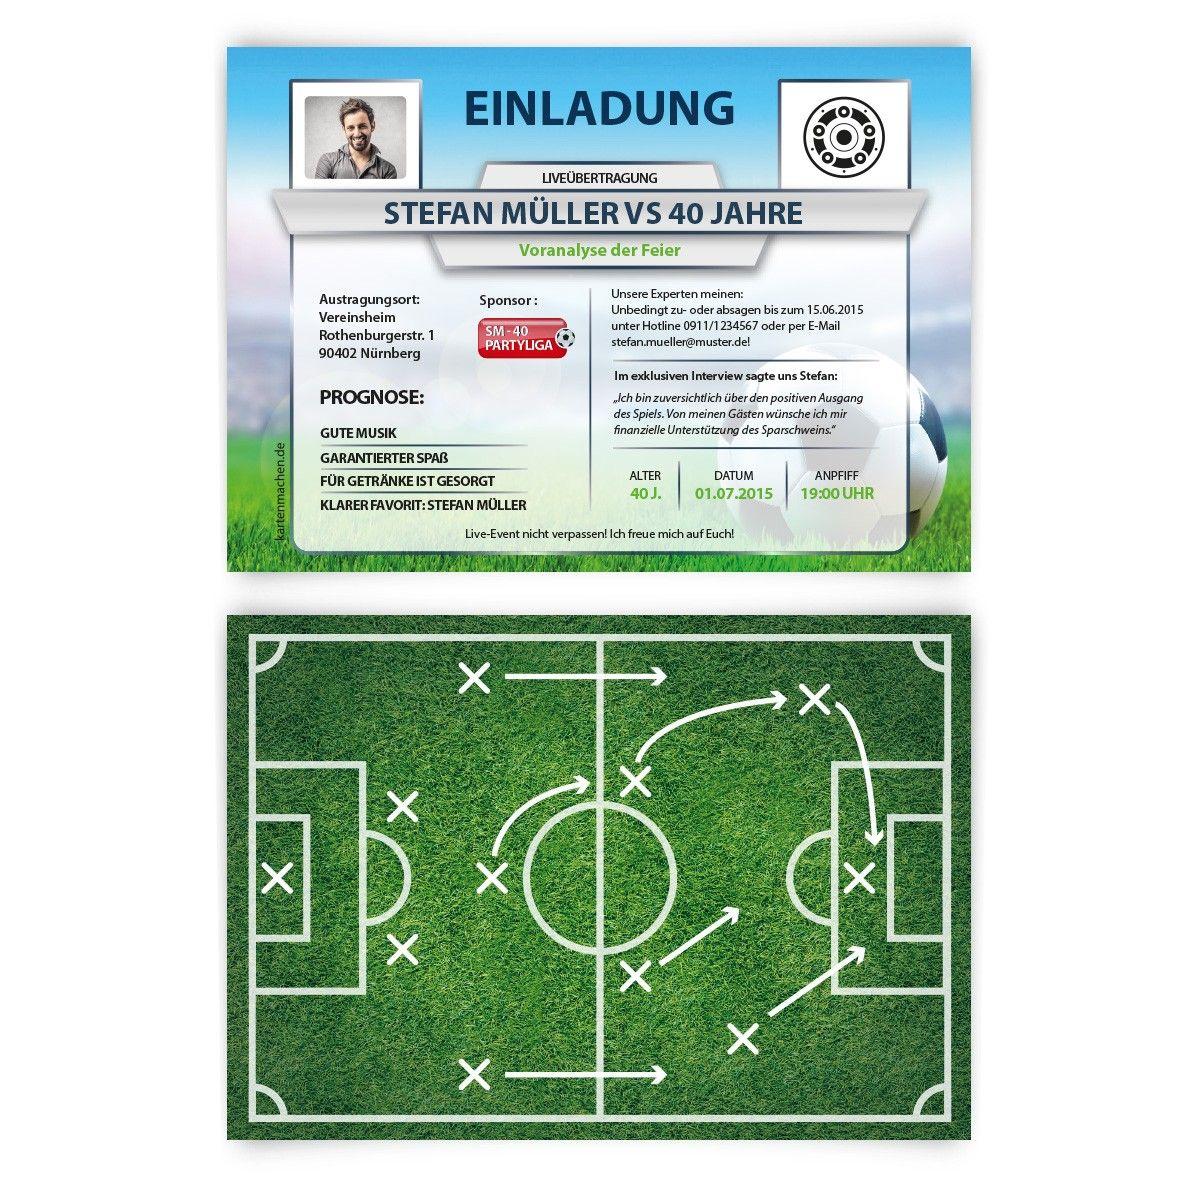 Geburtstagseinladungen   Fussball Spielerstatistik #geburtstag #einladung  #geburtstagseinladung #birthday #invitation #fußball #statistik